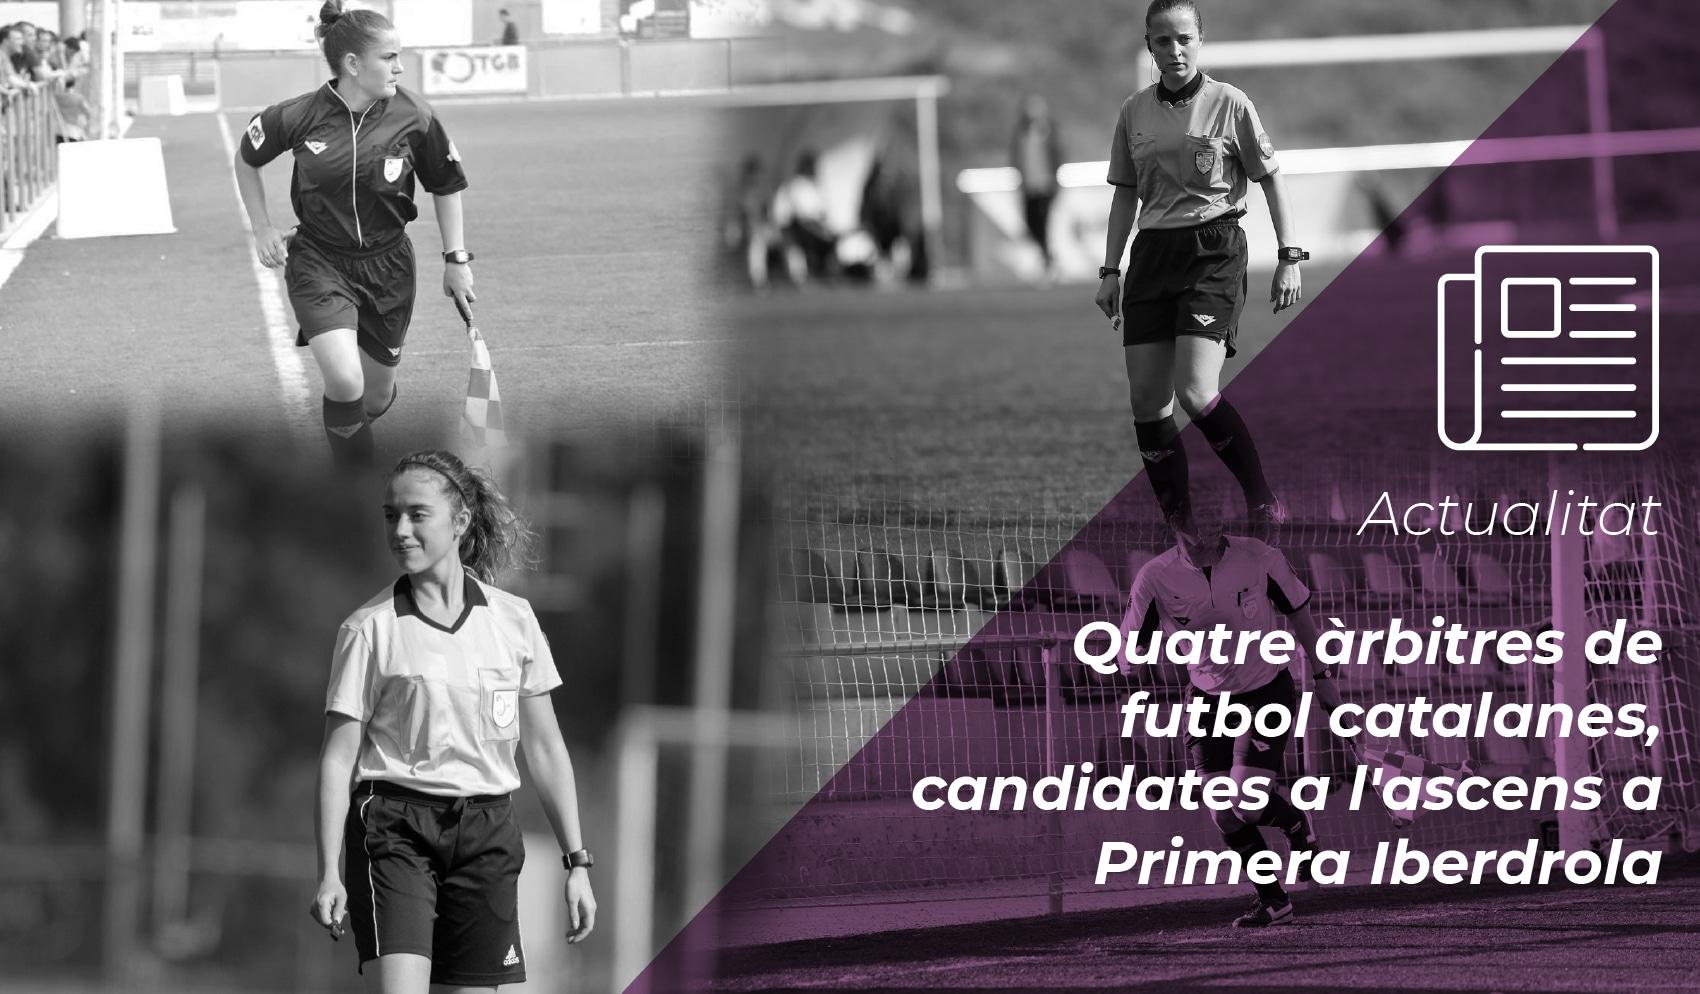 Quatre àrbitres de futbol catalanes, candidates a l'ascens a Primera Iberdrola 1